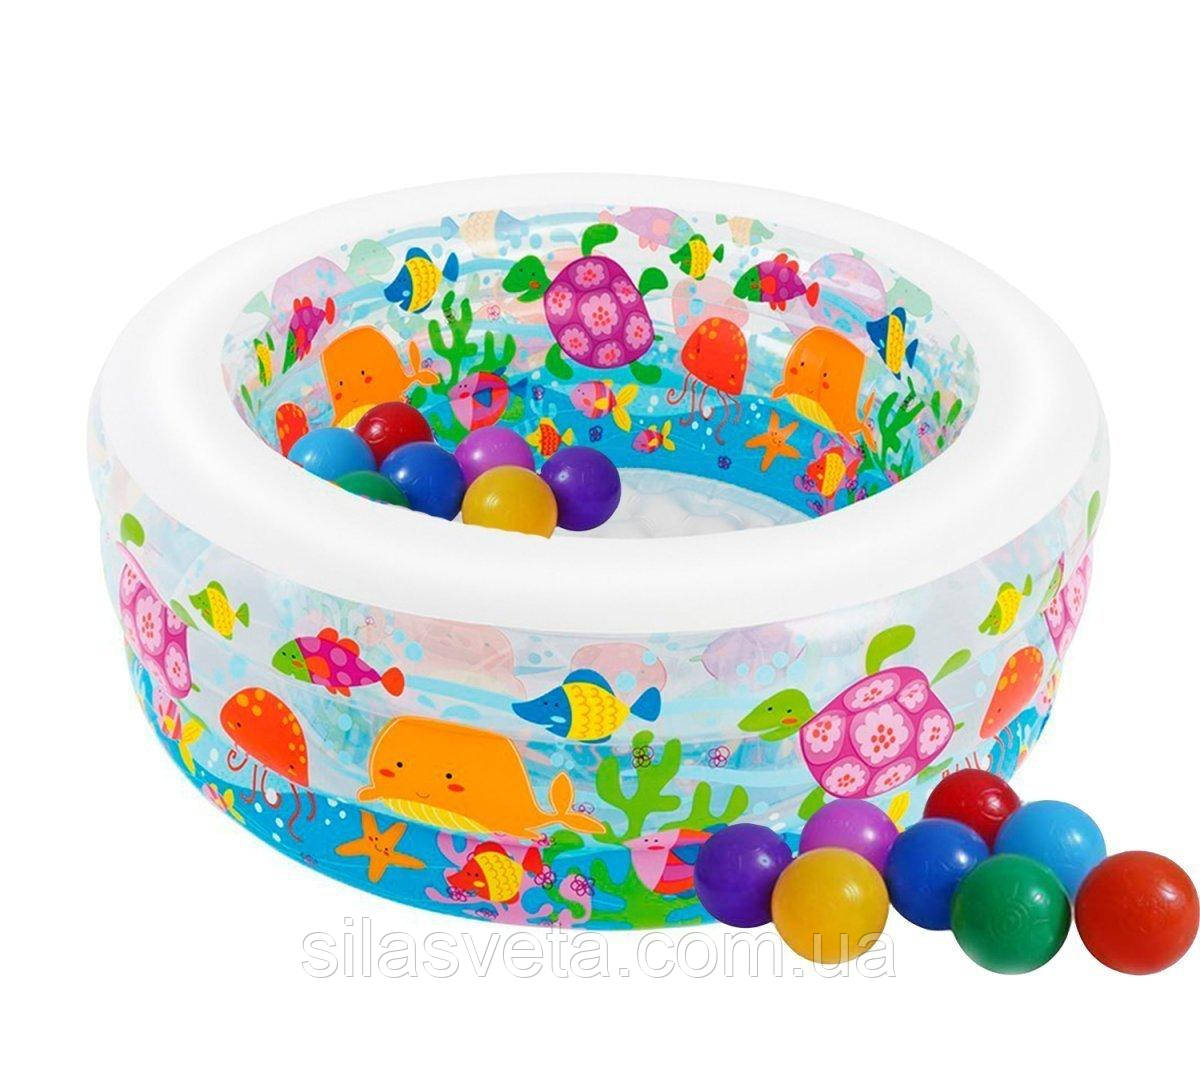 """Надувной детский бассейн с надувным дном Intex 58480 """"Океан"""" (152х56 см.) объем 360 л. + 10 шариков."""